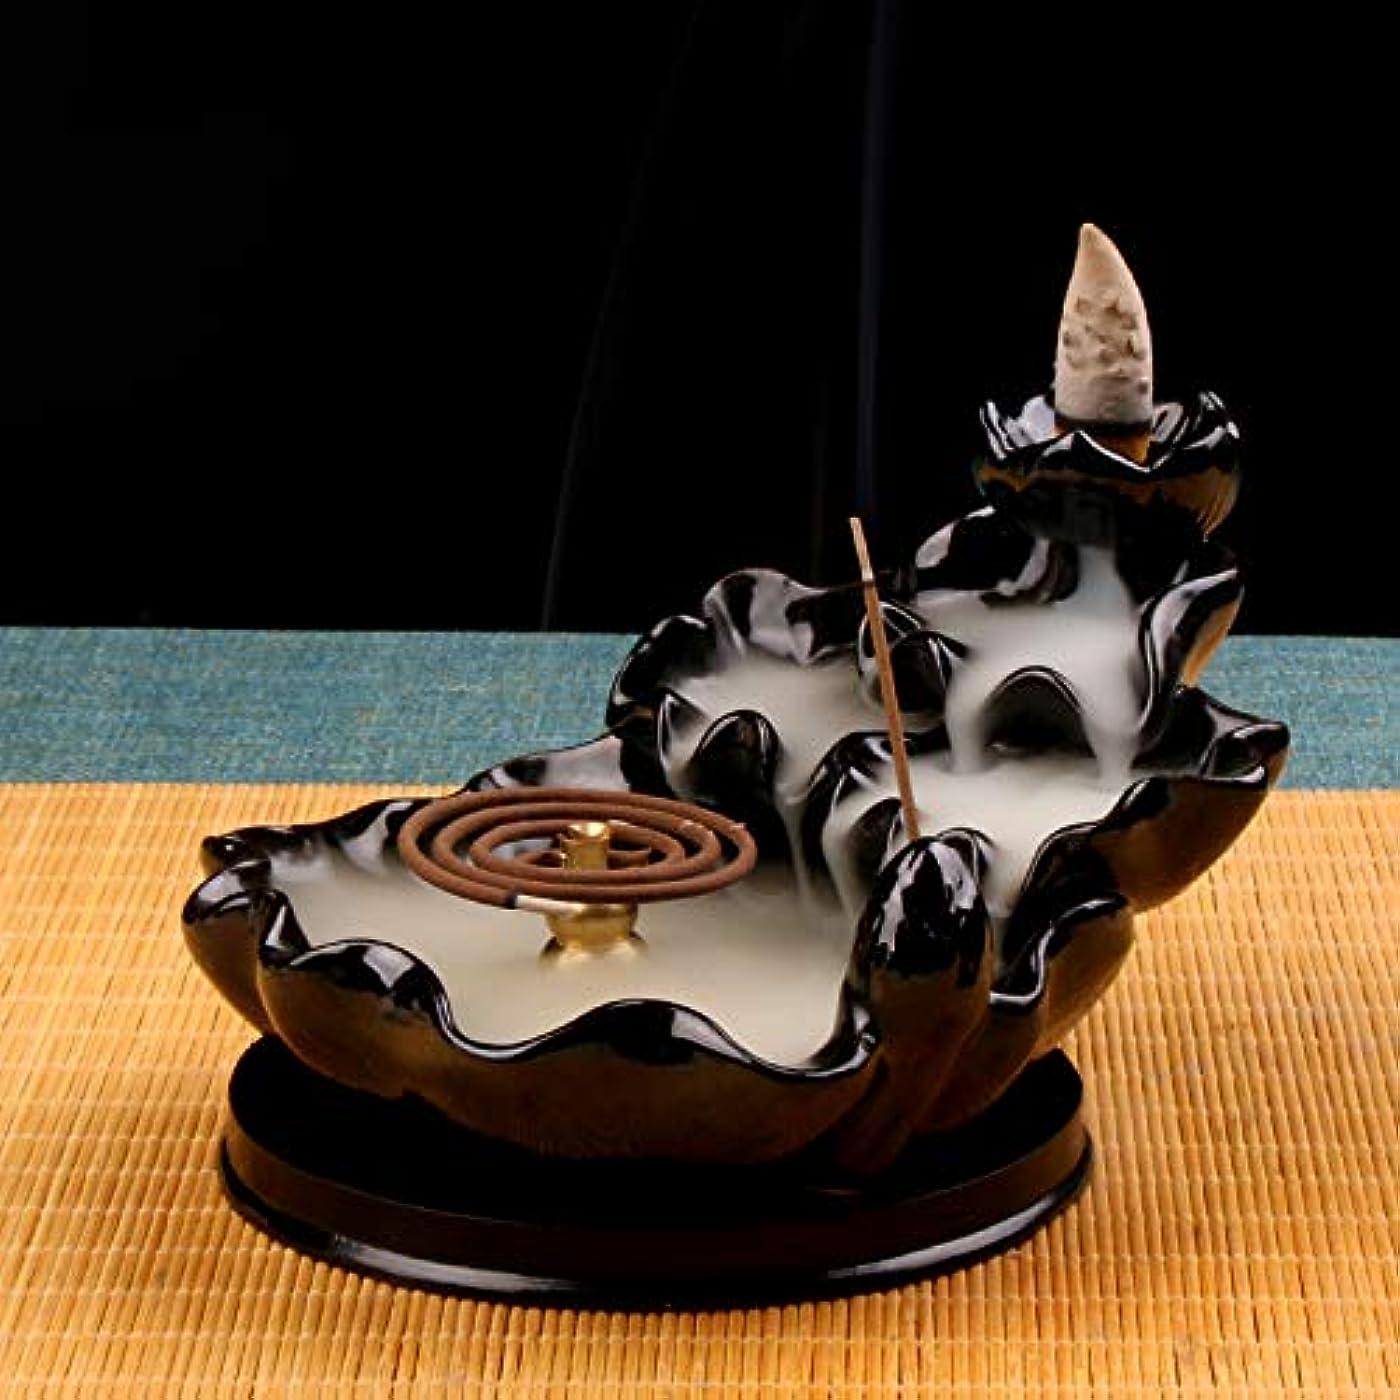 適格いいね歌詞(Style4) - Backflow Incense Burner Buddha monk and Moon Ceramic Censer for Home Decor Tea ceremony (Style4)